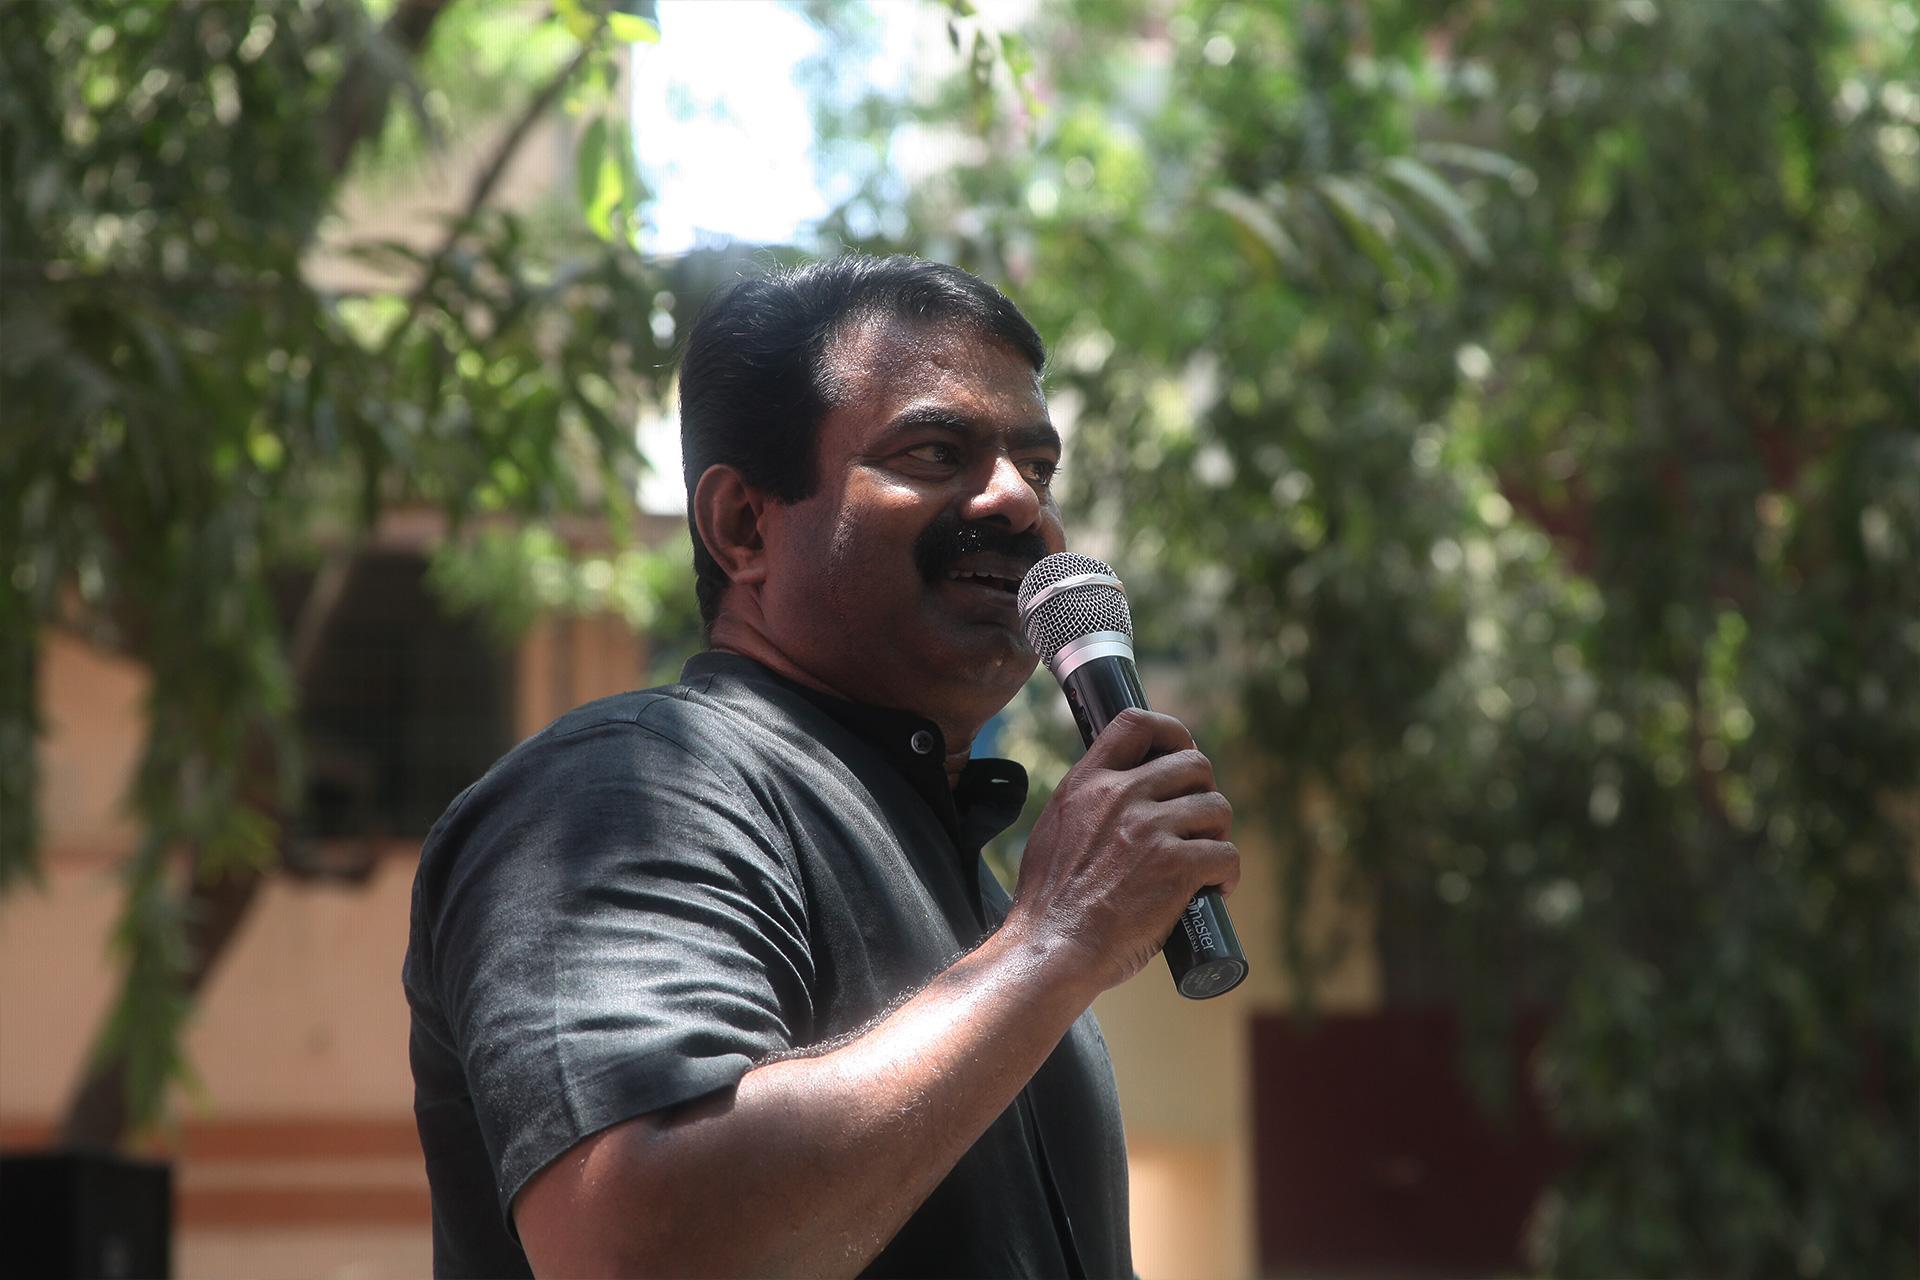 ஊதிய முரண்பாடுகளைக் களையக்கோரி இடைநிலை ஆசிரியர்கள் தொடர் போராட்டம் – சீமான் நேரில் ஆதரவு TET Secondary Teachers Protest Equal Pay For Equal Post Chennai Seeman Support 4